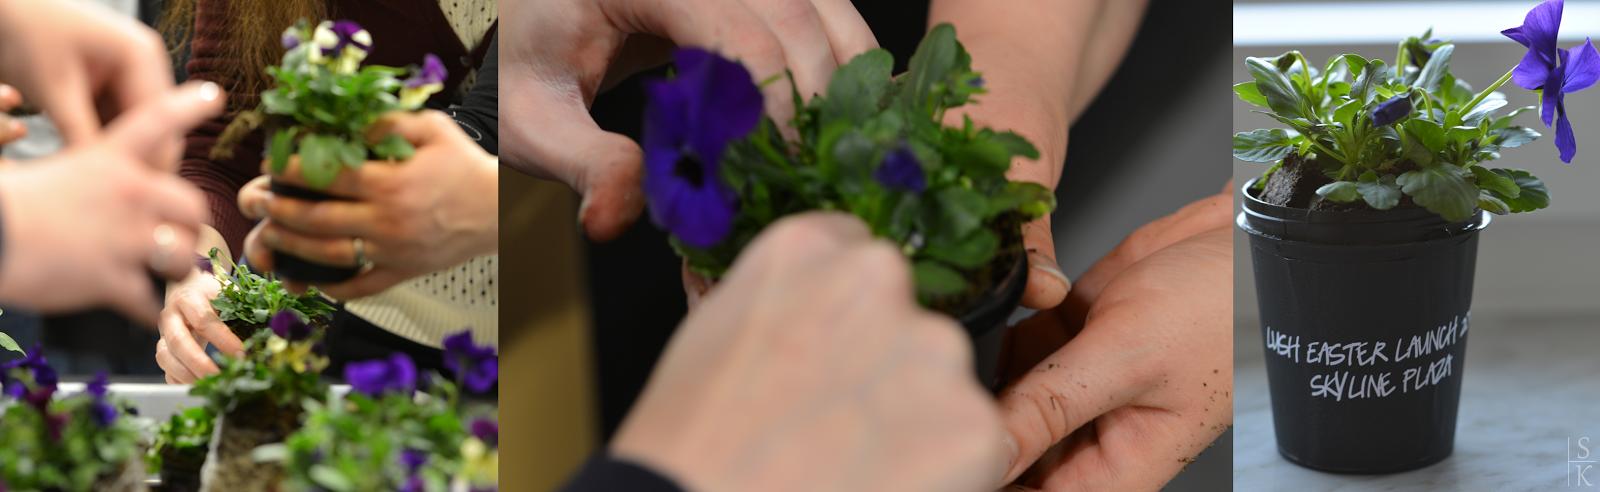 Veilchen pflanzen beim Lush Easter Launch 2015 im Skyline Plaza Frankfurt